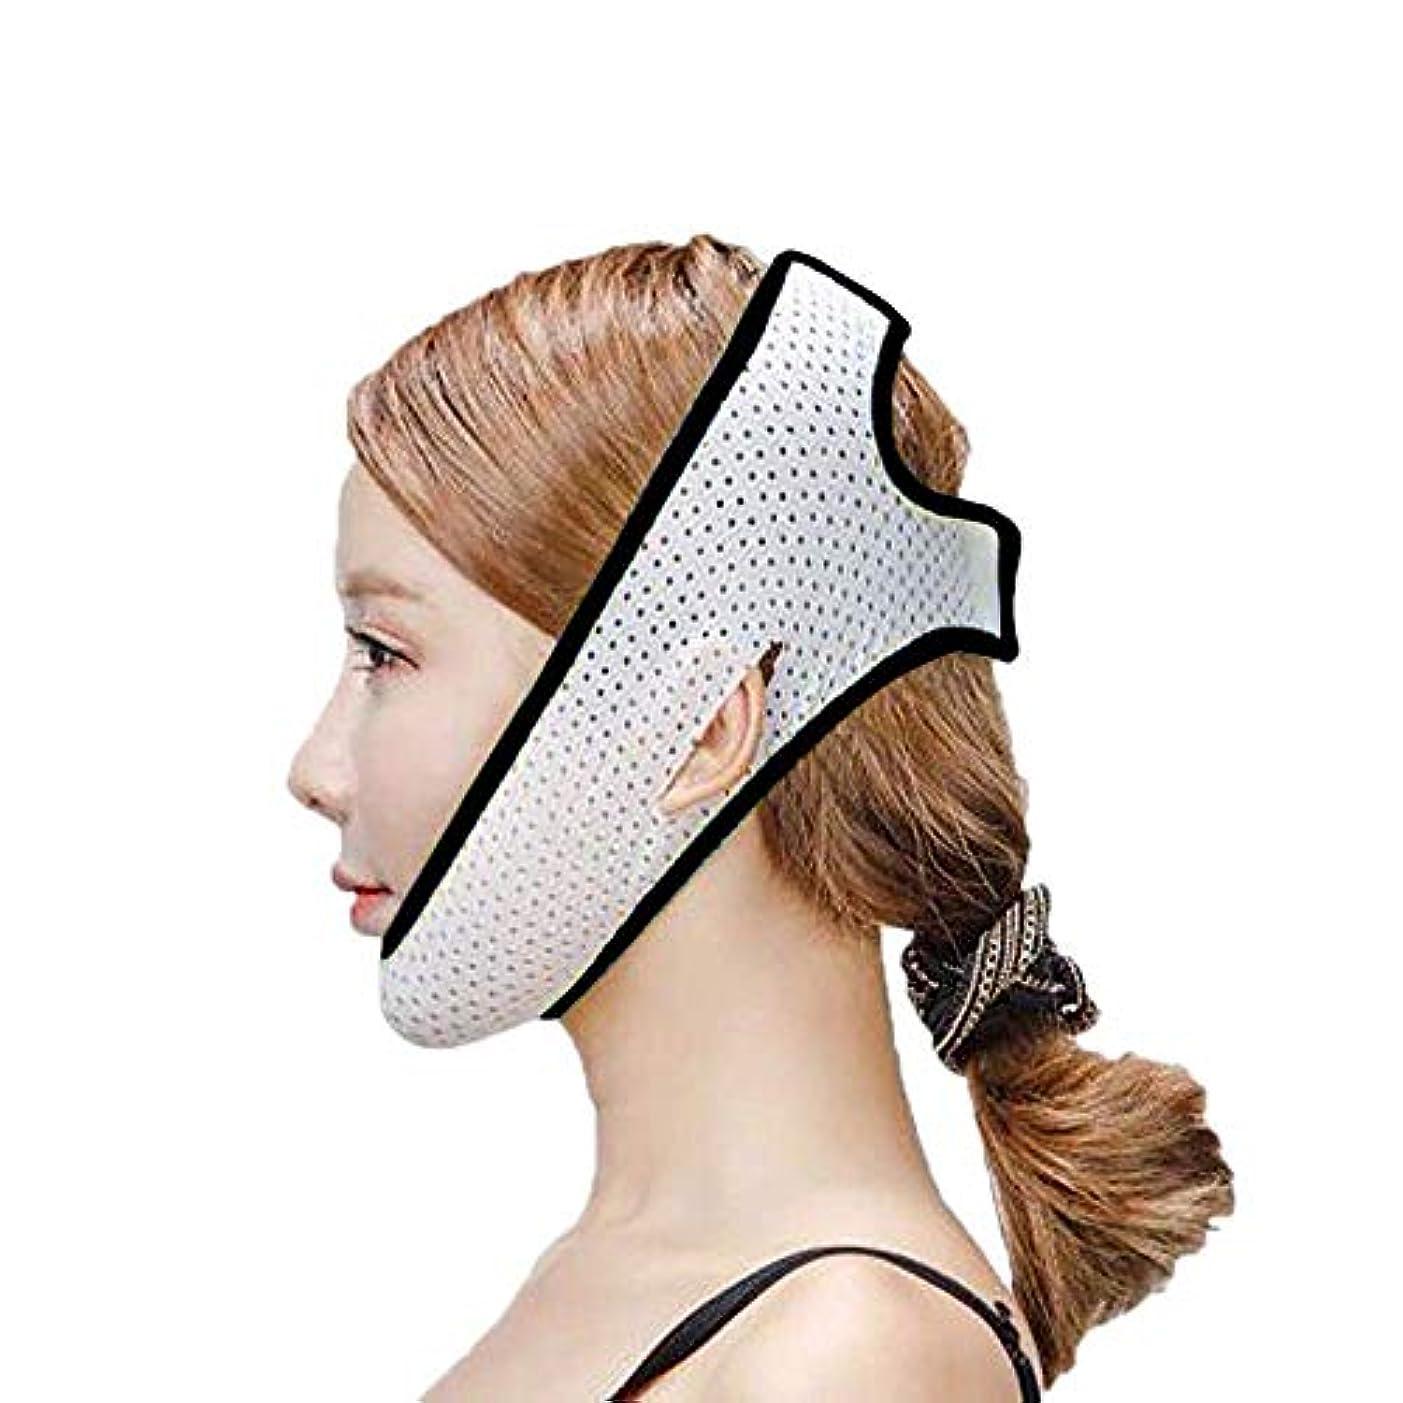 対話葉巻受信機フェイスリフトマスク、ダブルチンストラップ、フェイシャル減量マスク、フェイシャルダブルチンケアスリミングマスク、リンクルマスク(フリーサイズ)(カラー:ブラック),ブラック